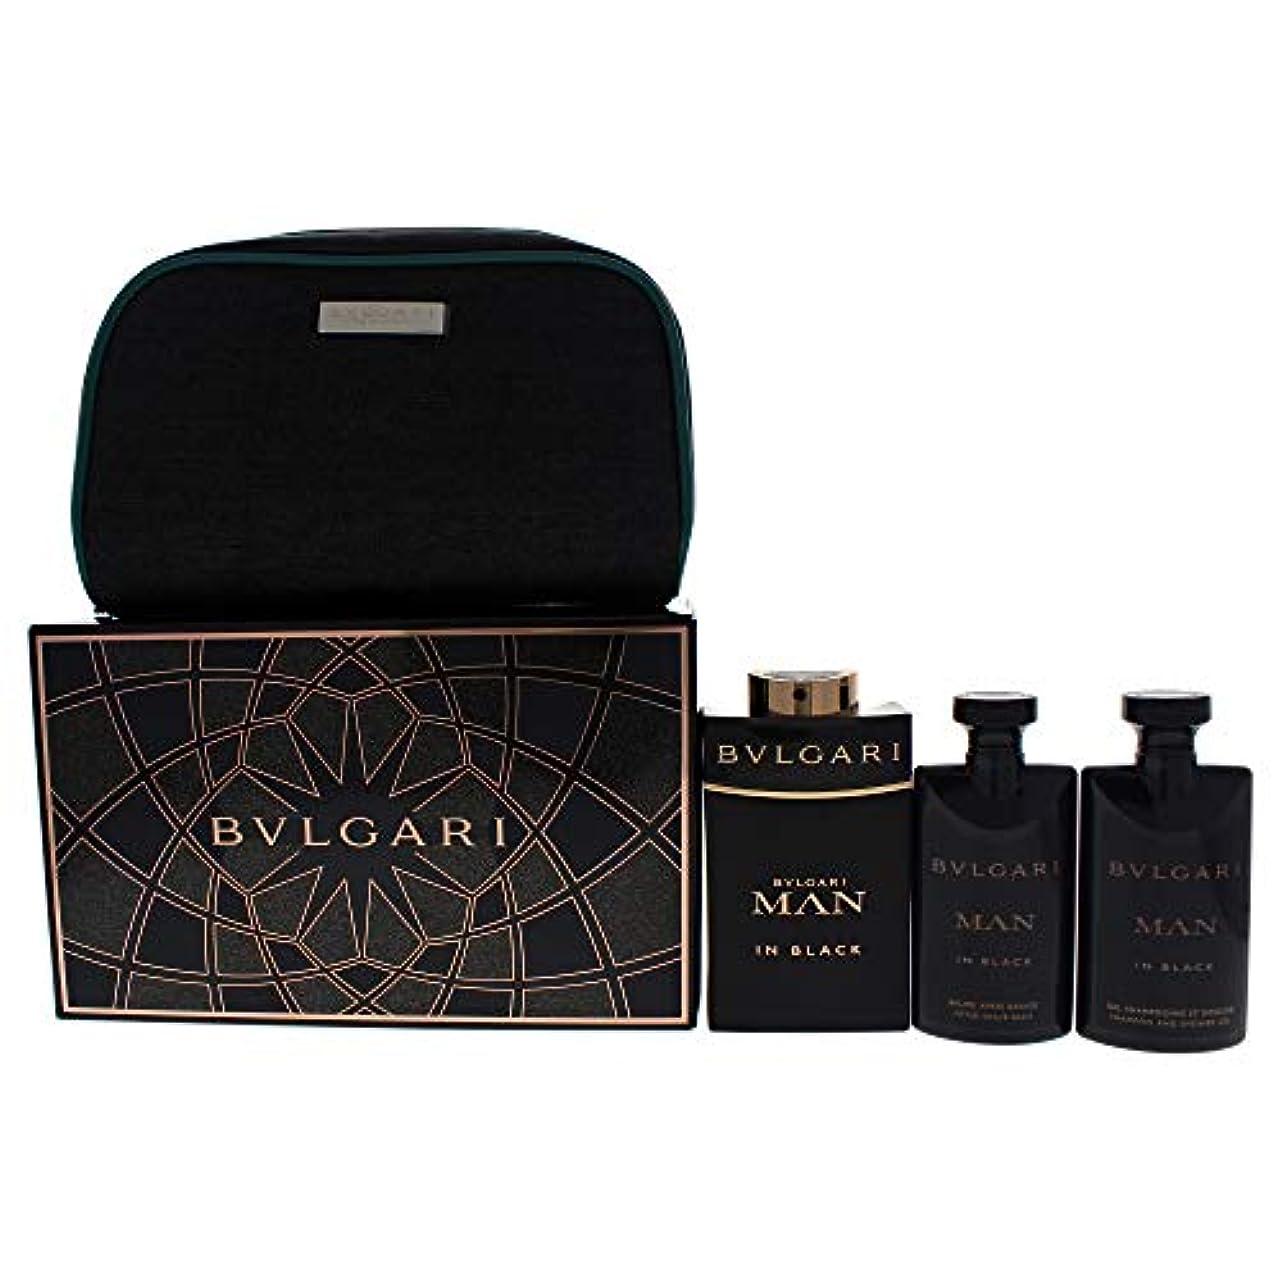 楽しませる修正偏心Bvlgari Man In Black Eau De Parfum 100Ml Vaporizador + Gel De Baño 75Ml + After Shave Balm 75Ml